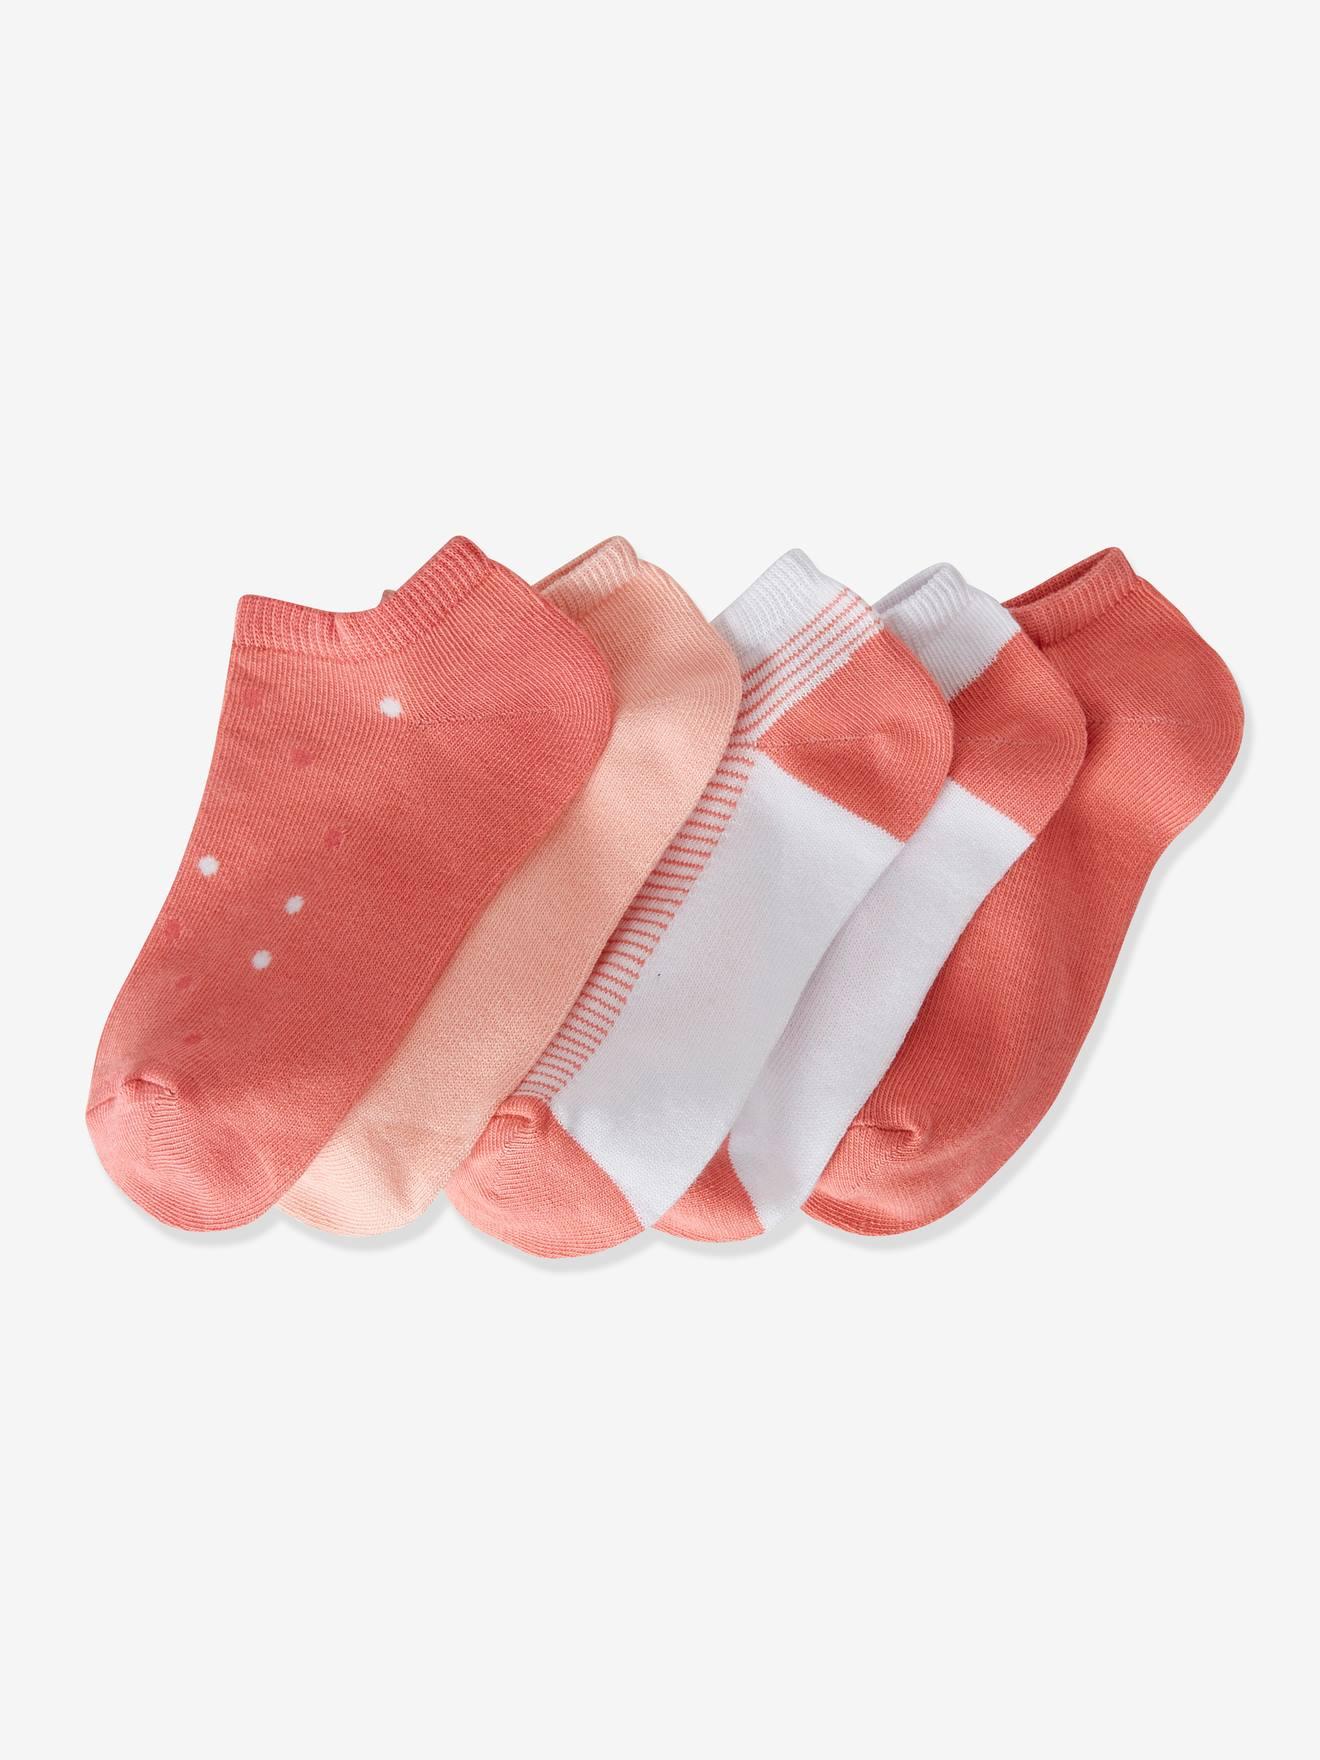 5 pairs of Babies Trainer socks Socks